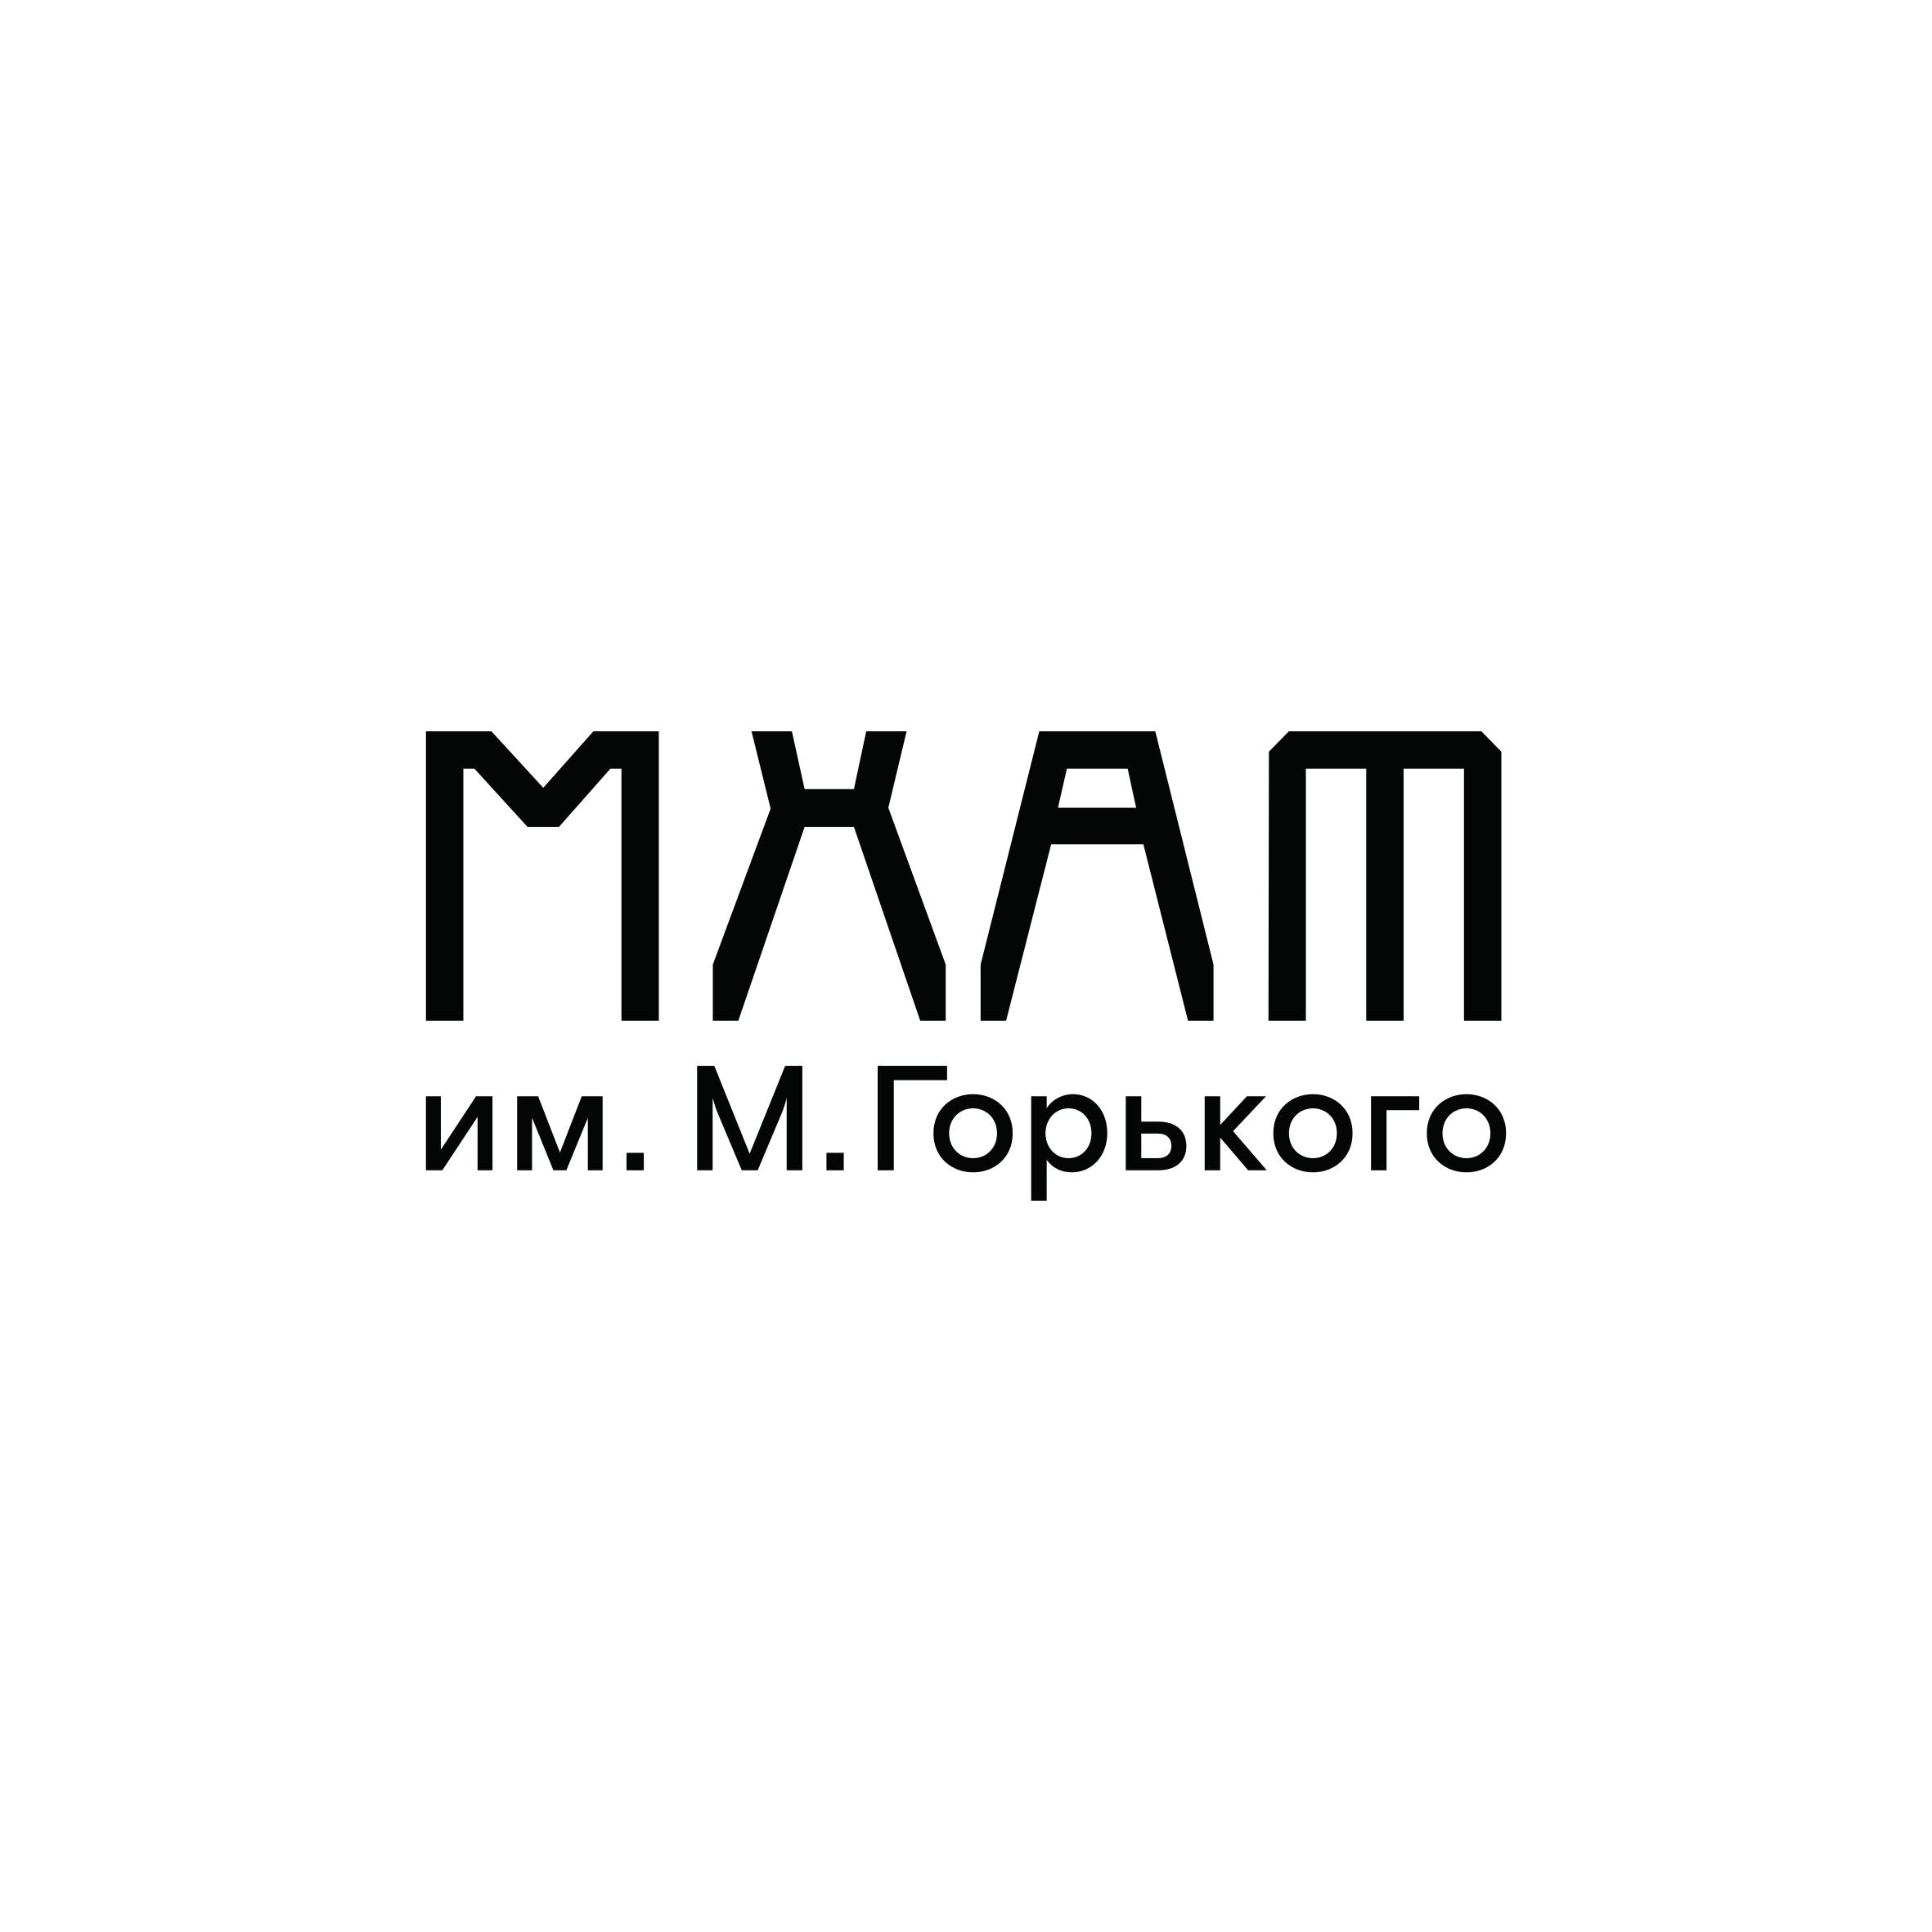 МХАТ им. М. Горького